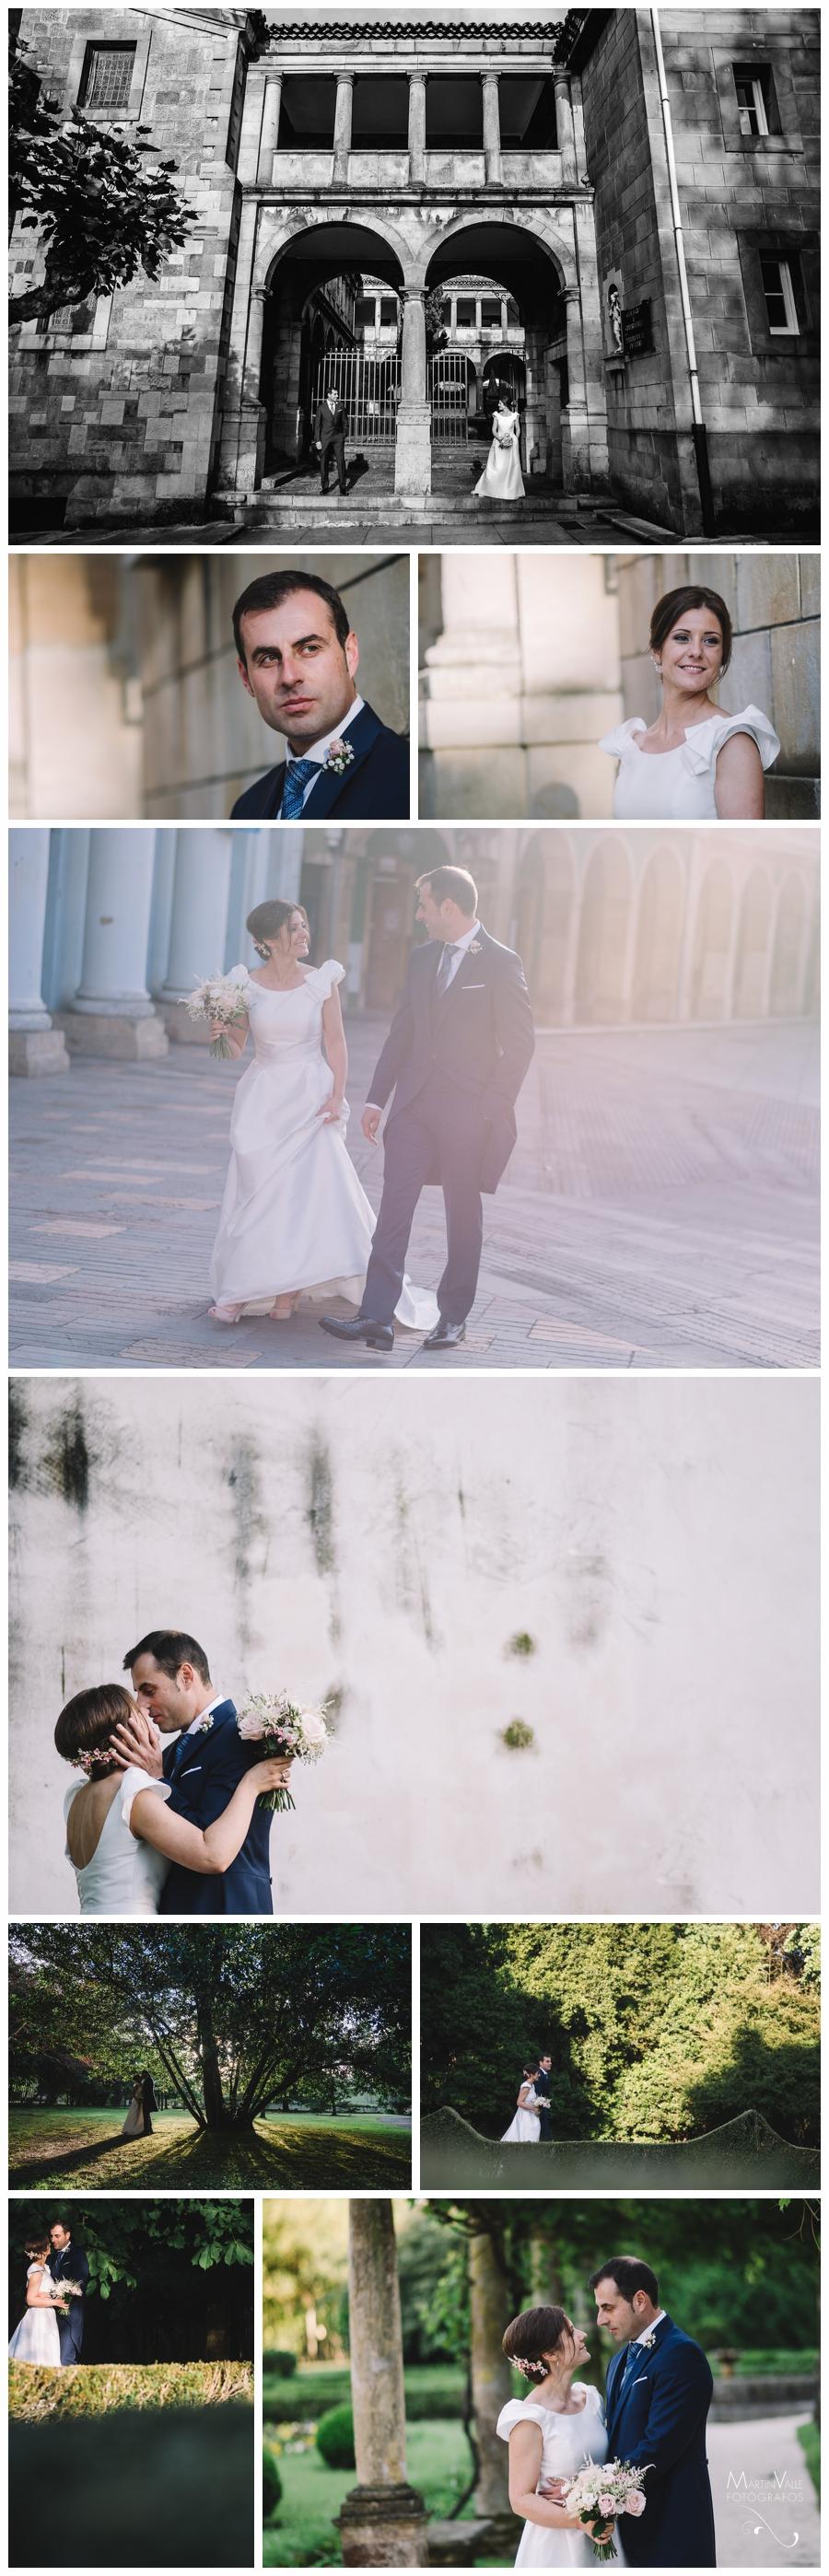 Sesión en pareja en una boda en Avilés